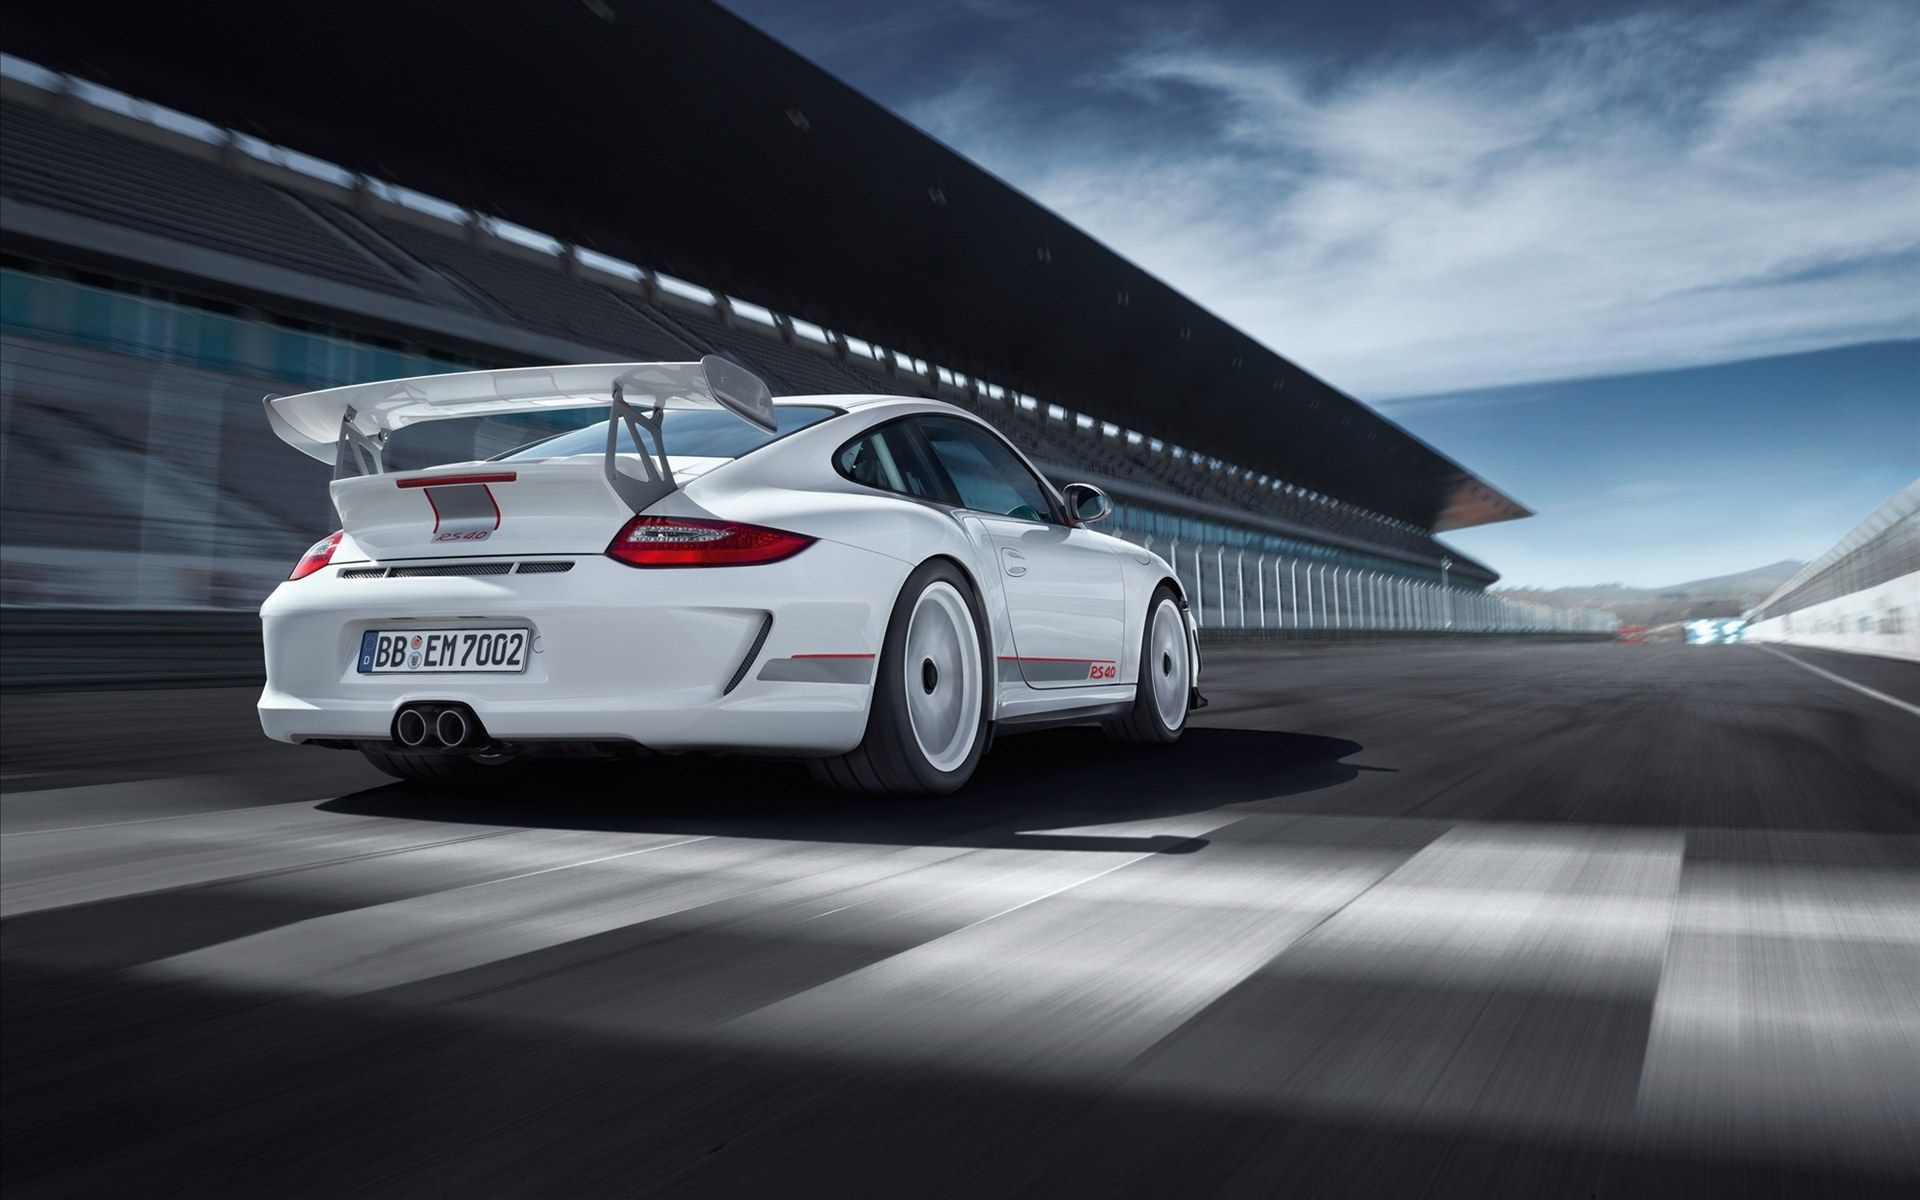 Van Ross Porsche Images For Desktop Background 1920x1200 Px Porsche 911 Gt3 Porsche 911 Porsche Gt3